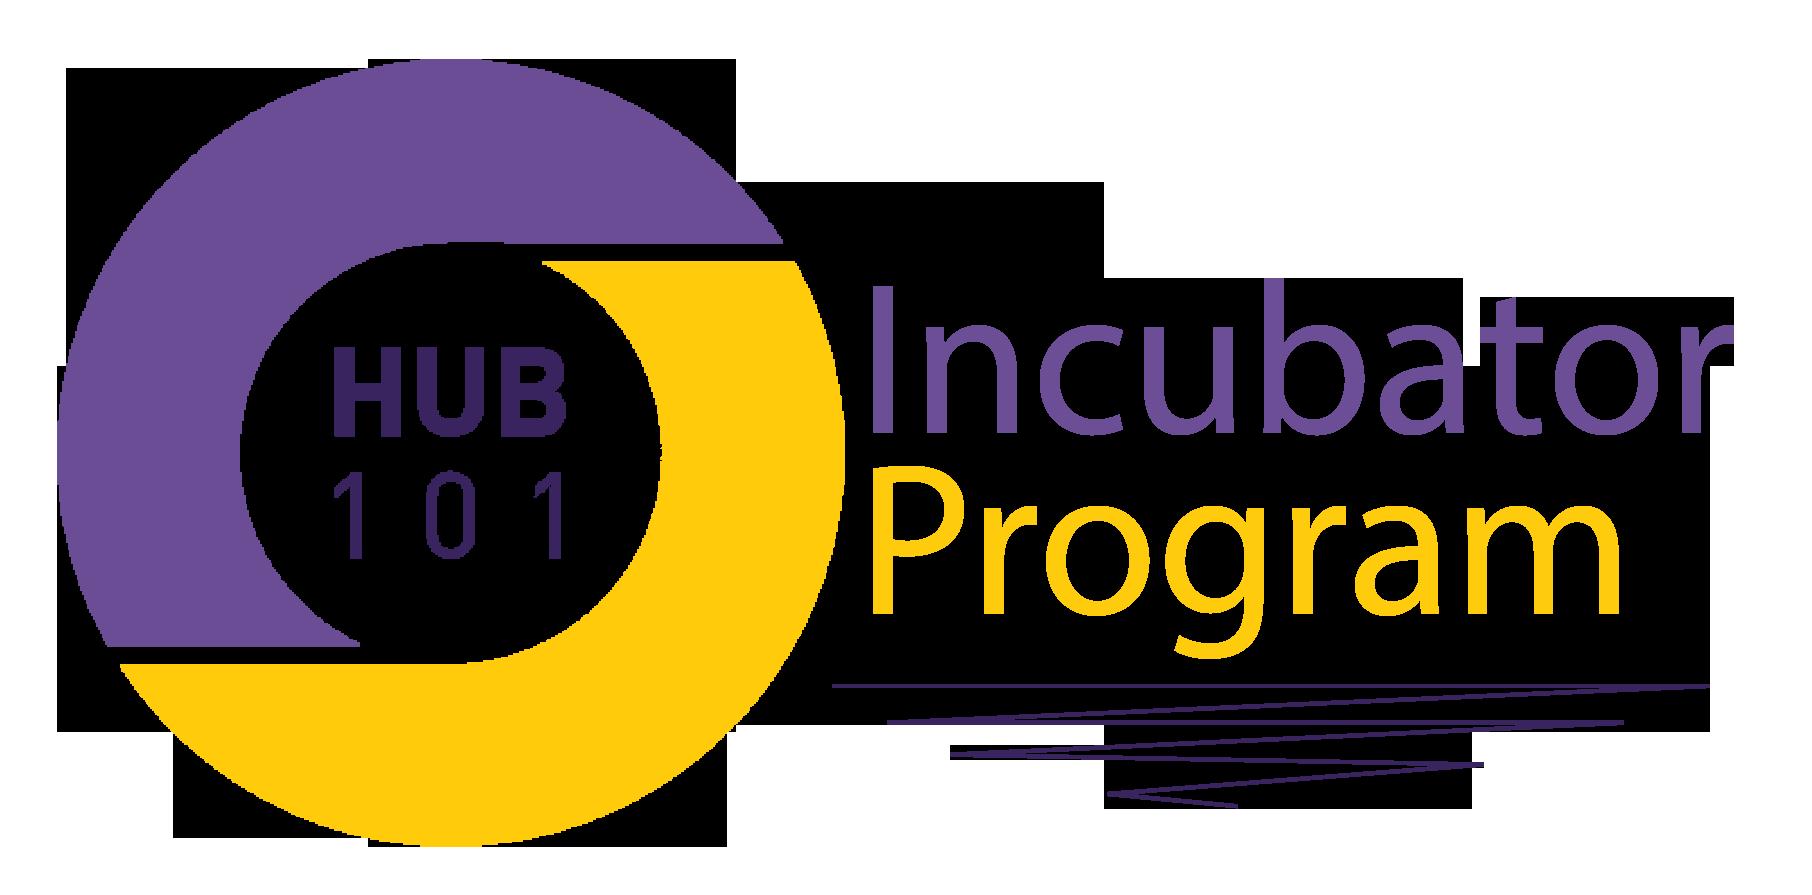 Hub101 Incubator